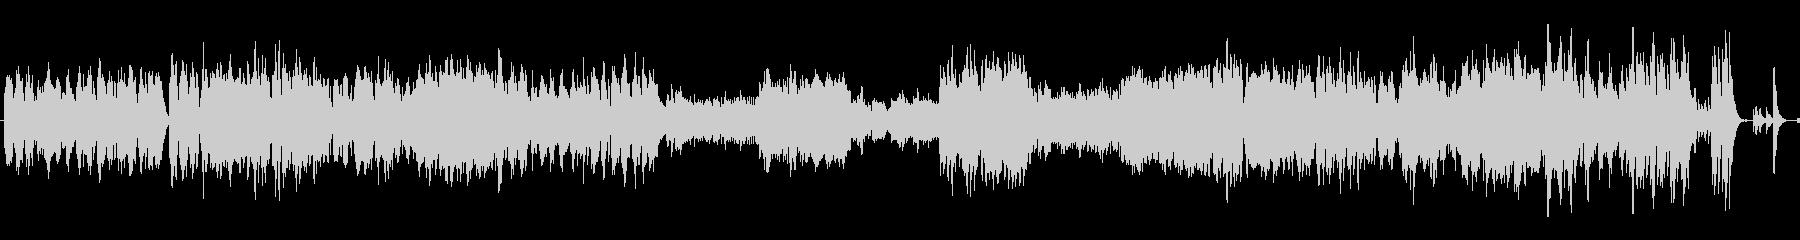 ワルツ 第4番 ピアノ+オケ版の未再生の波形